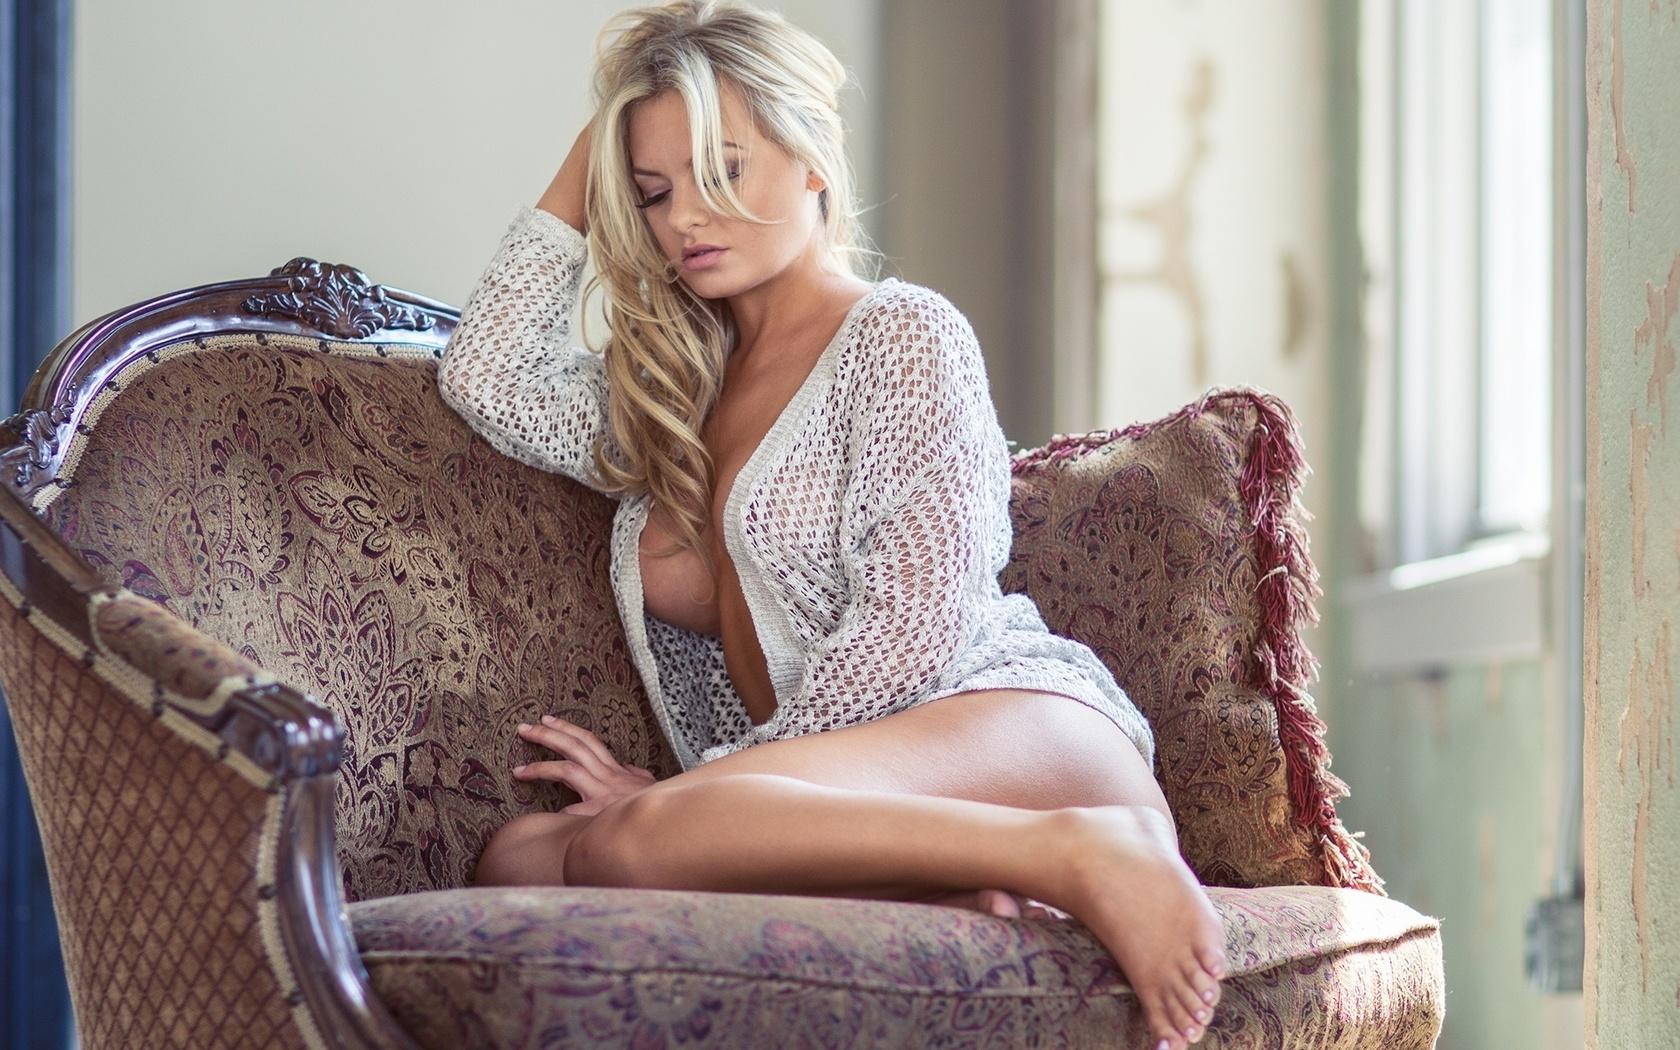 ochen-seksualnaya-blondinka